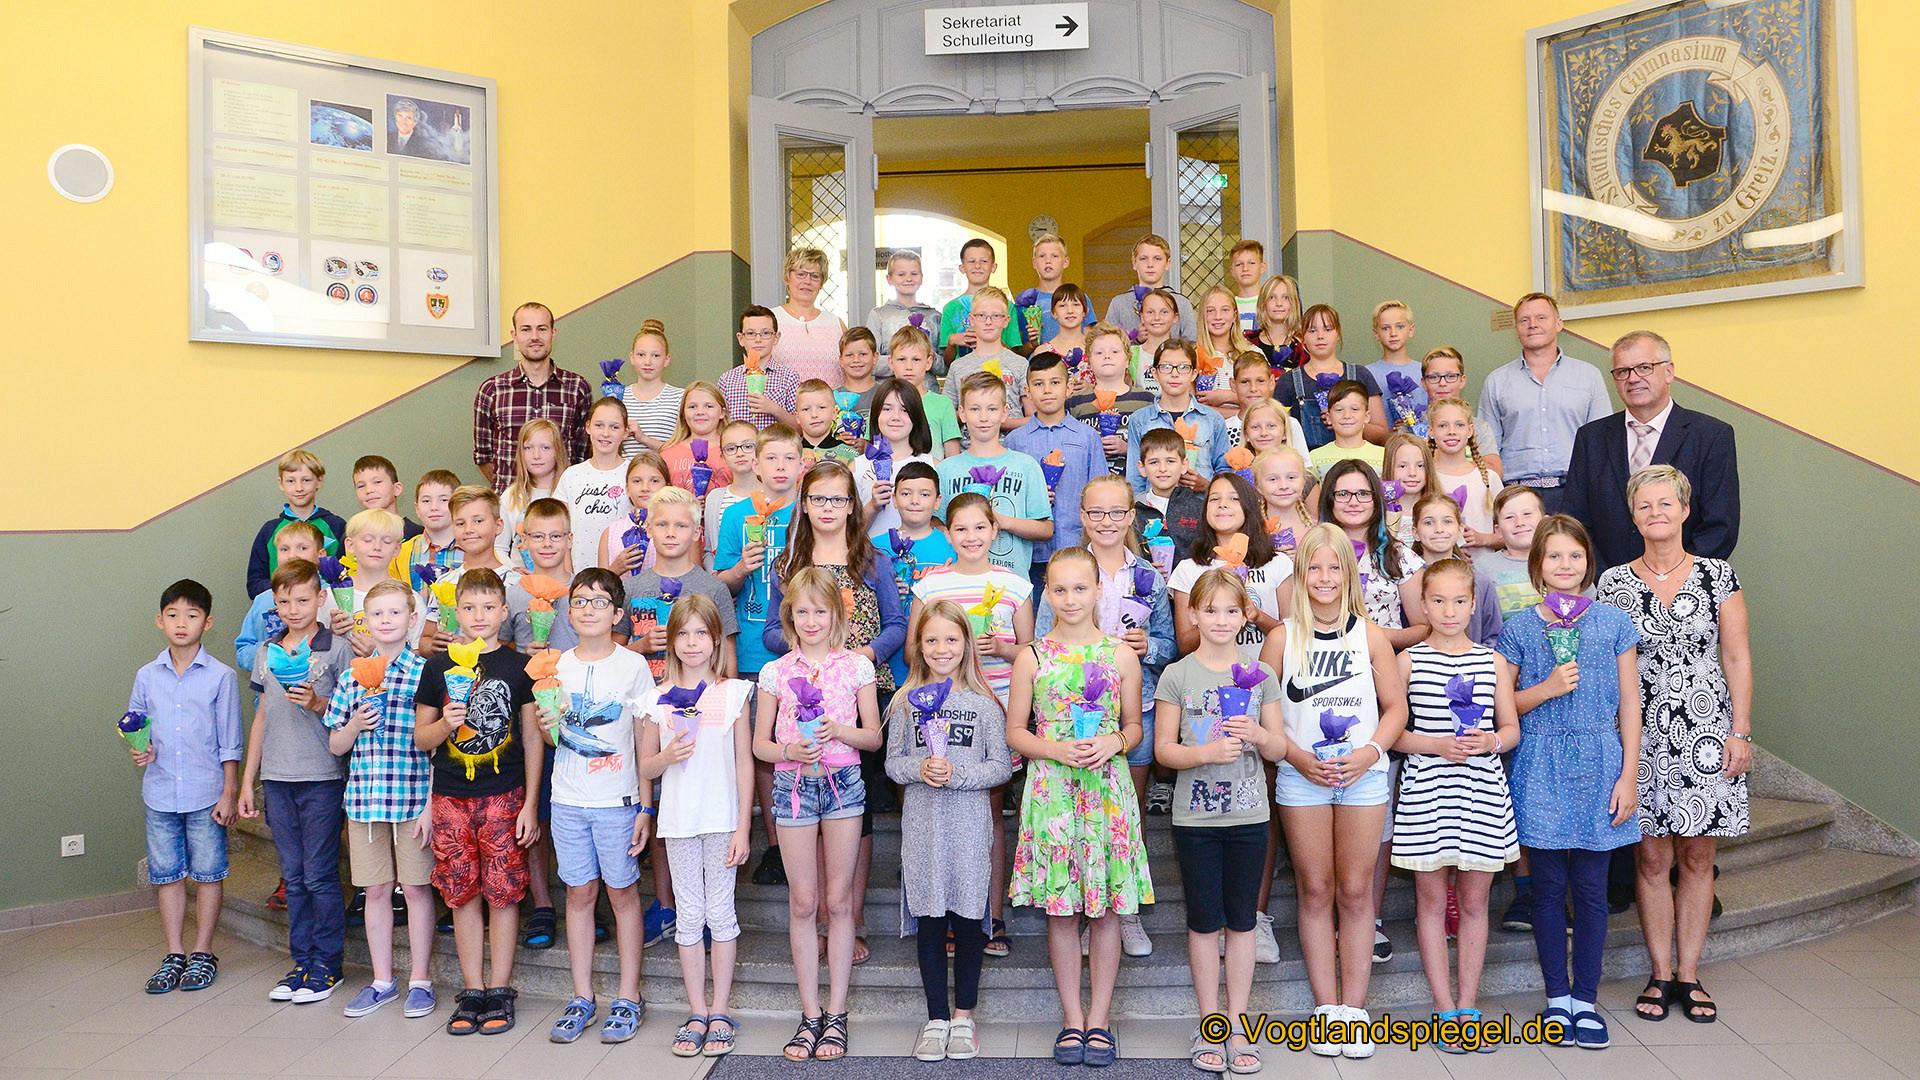 65 Fünftklässler am Ulf-Merbold-Gymnasium begrüßt